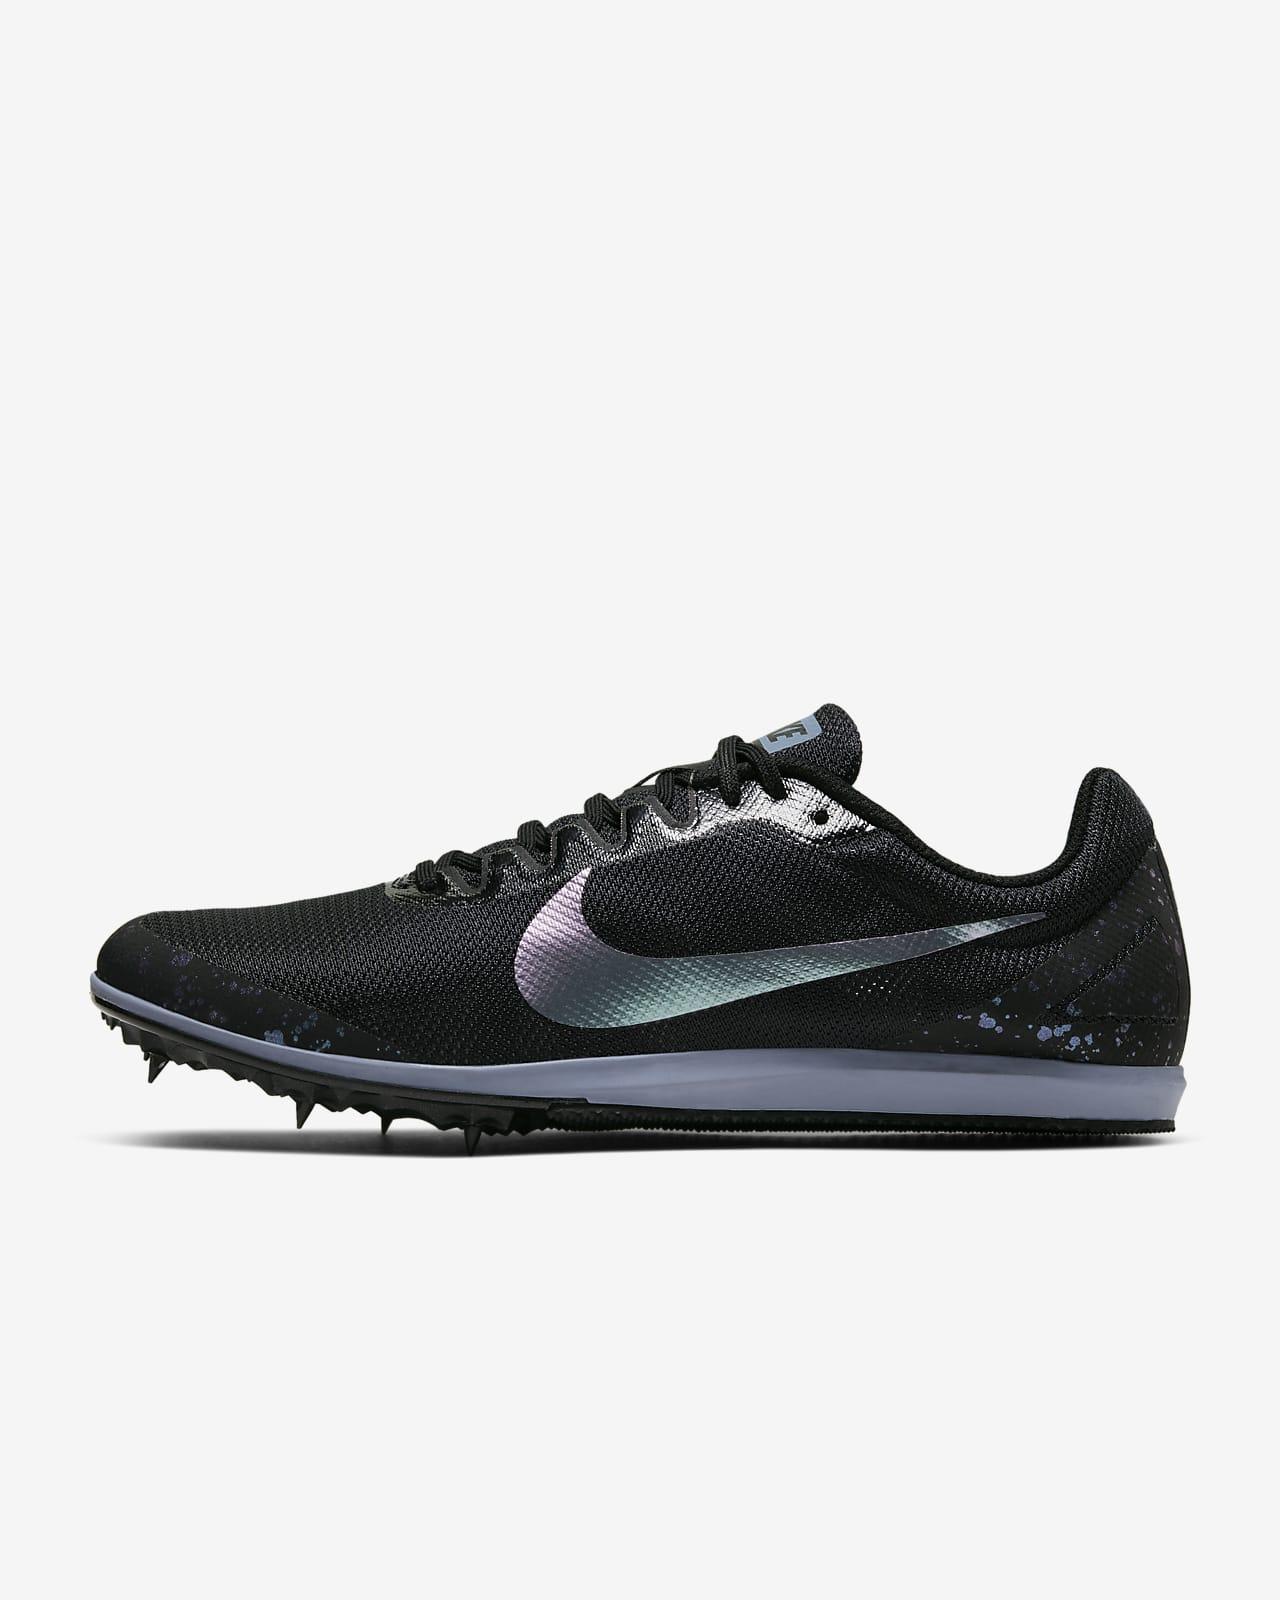 Compuesto Deliberar tengo sueño  Sapatilhas de pista Nike Zoom Rival D 10 unissexo. Nike PT